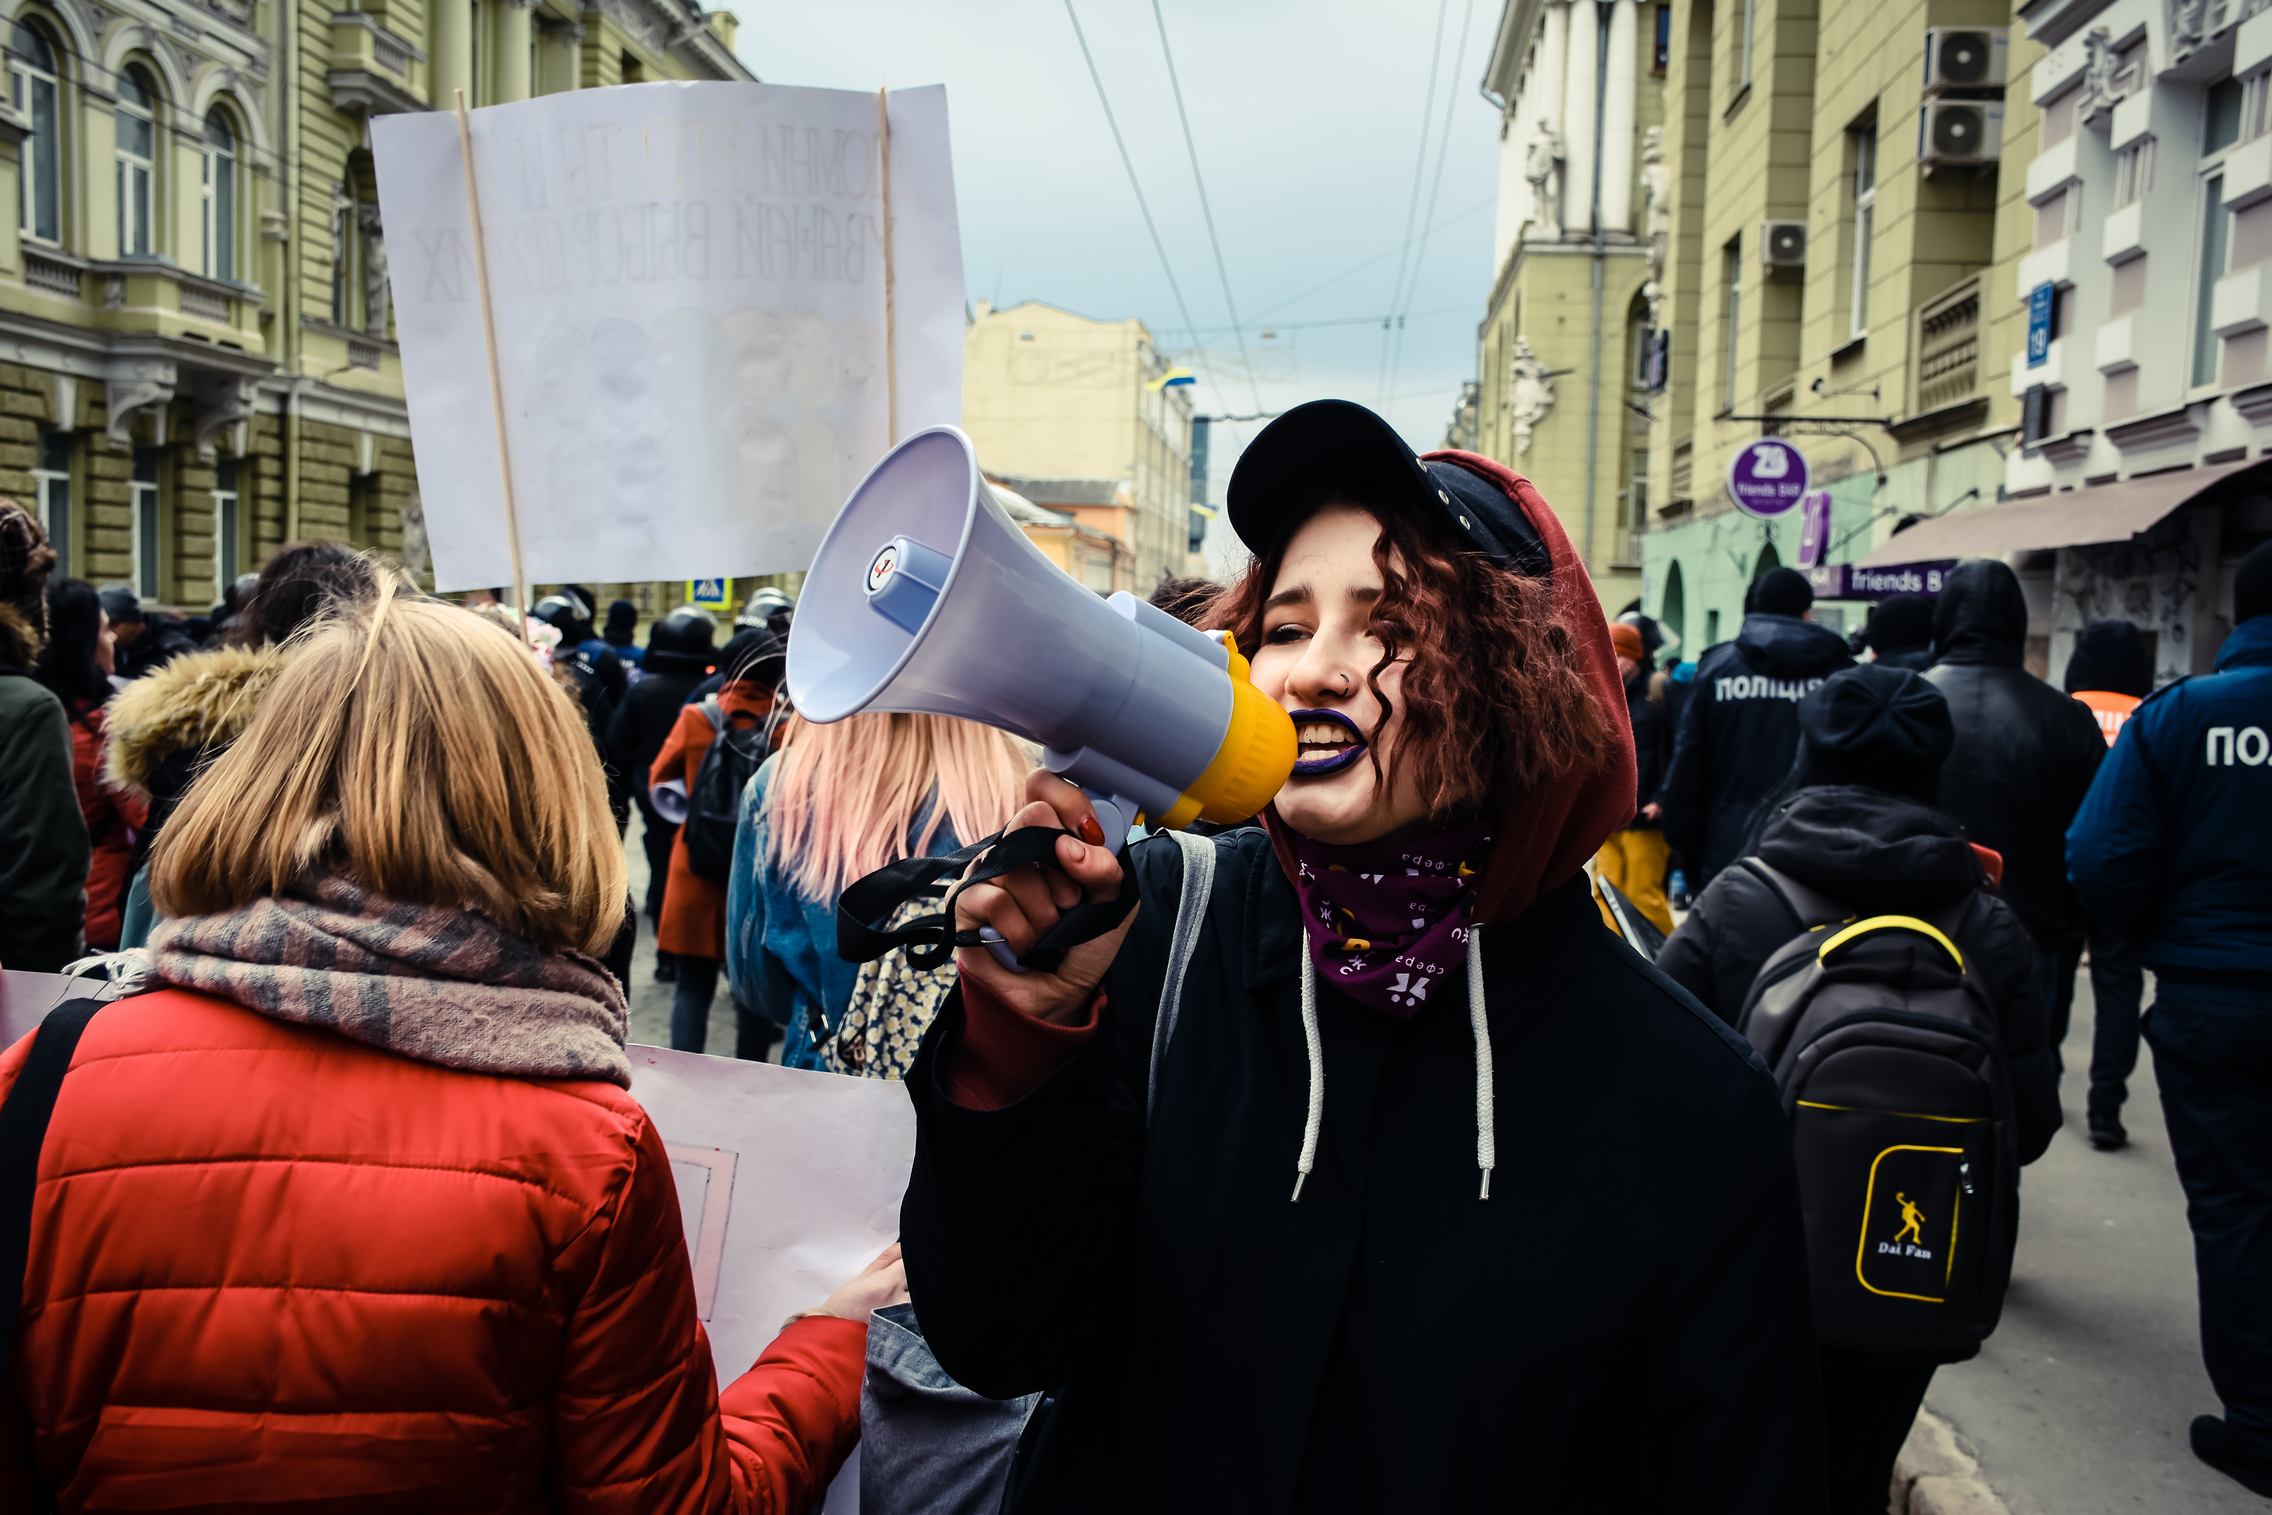 Протустувальниця під час Маршу жіночої солідарності, 8 березня 2019 р, Харків